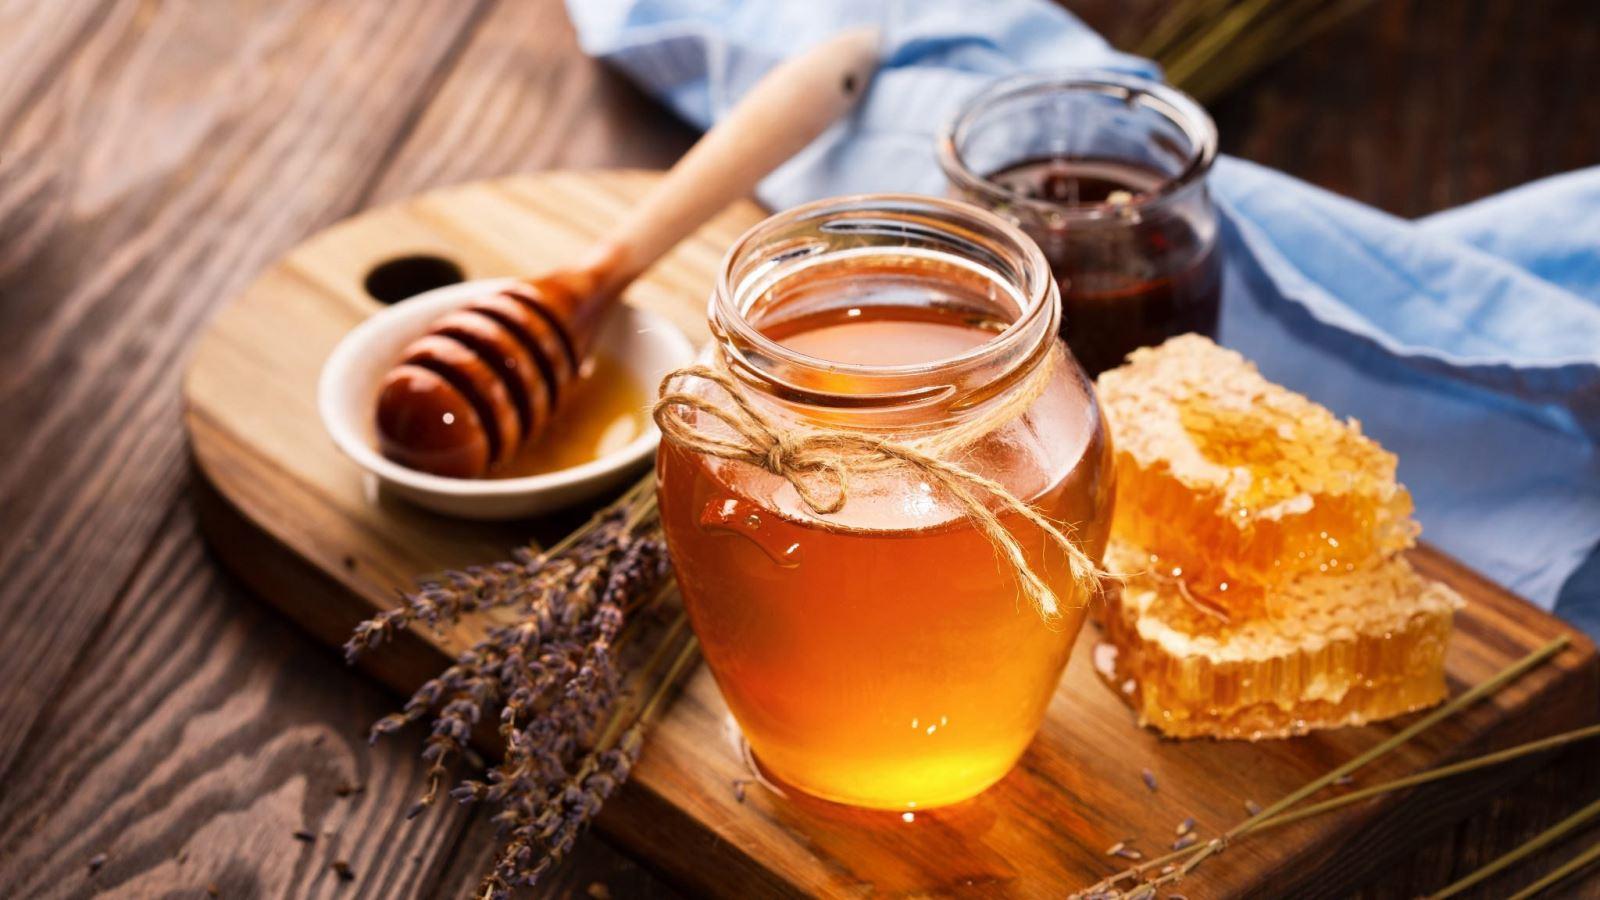 Lưu ý khi sử dụng các thực phẩm khác kết hợp với mật ong